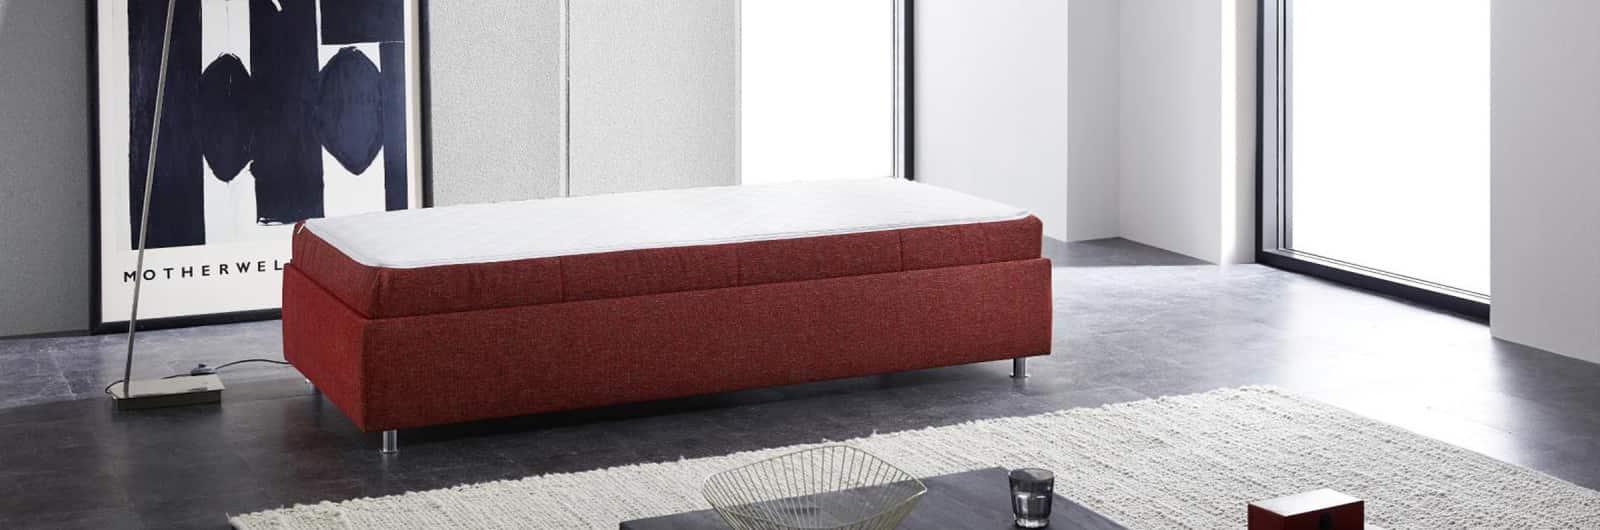 Dauerschläfer INNSBRUCK DELUXE mit wählbarer Matratze – Liegefläche ca. 90x200 cm